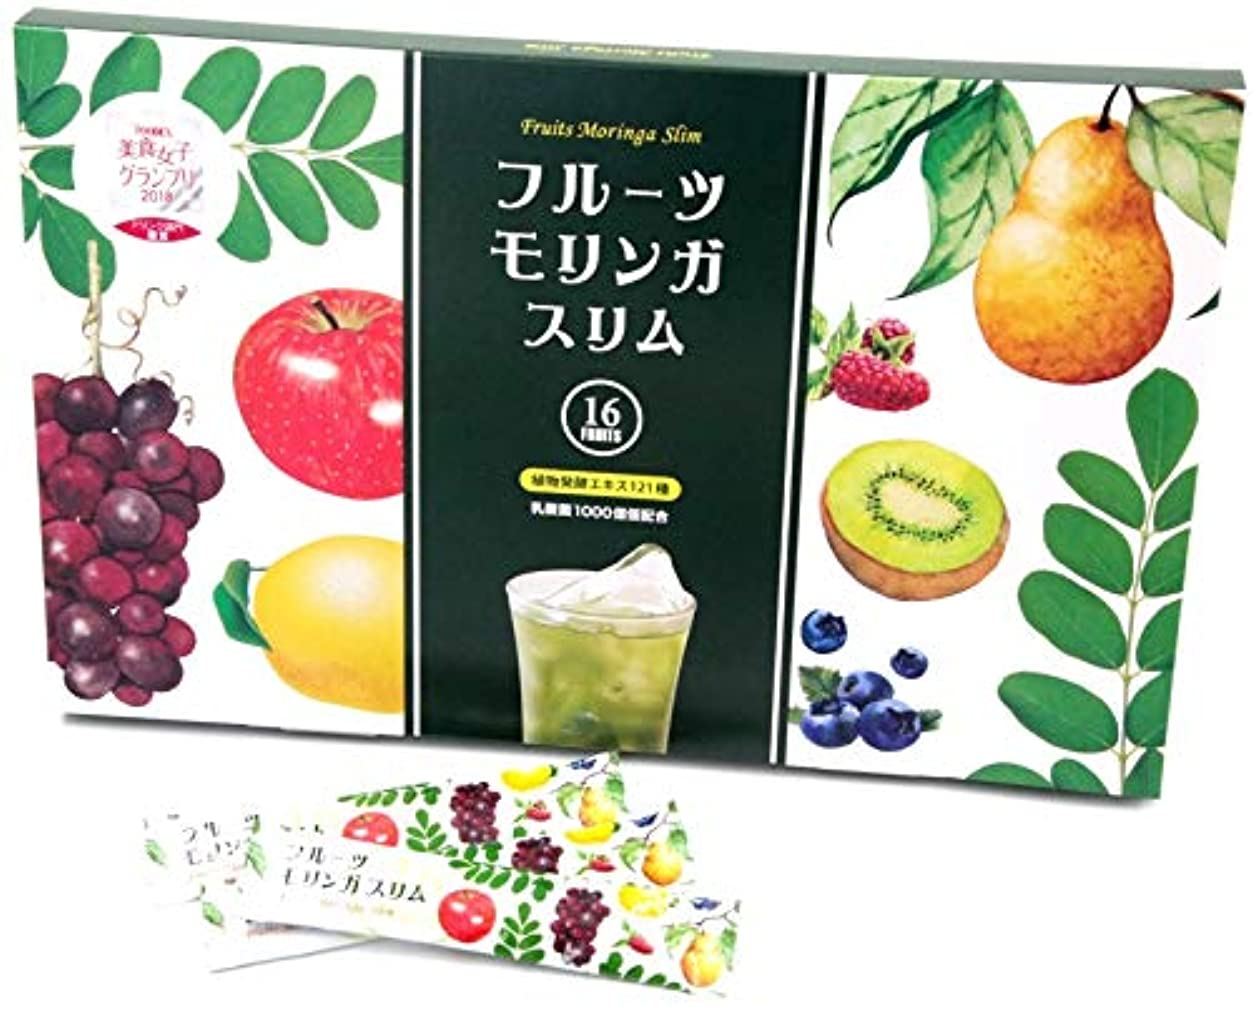 駐地命題師匠フルーツ モリンガ 美容 健康 栄養 食習慣 ボディメイク 国産品 (1箱/3g×30包+シェーカー)